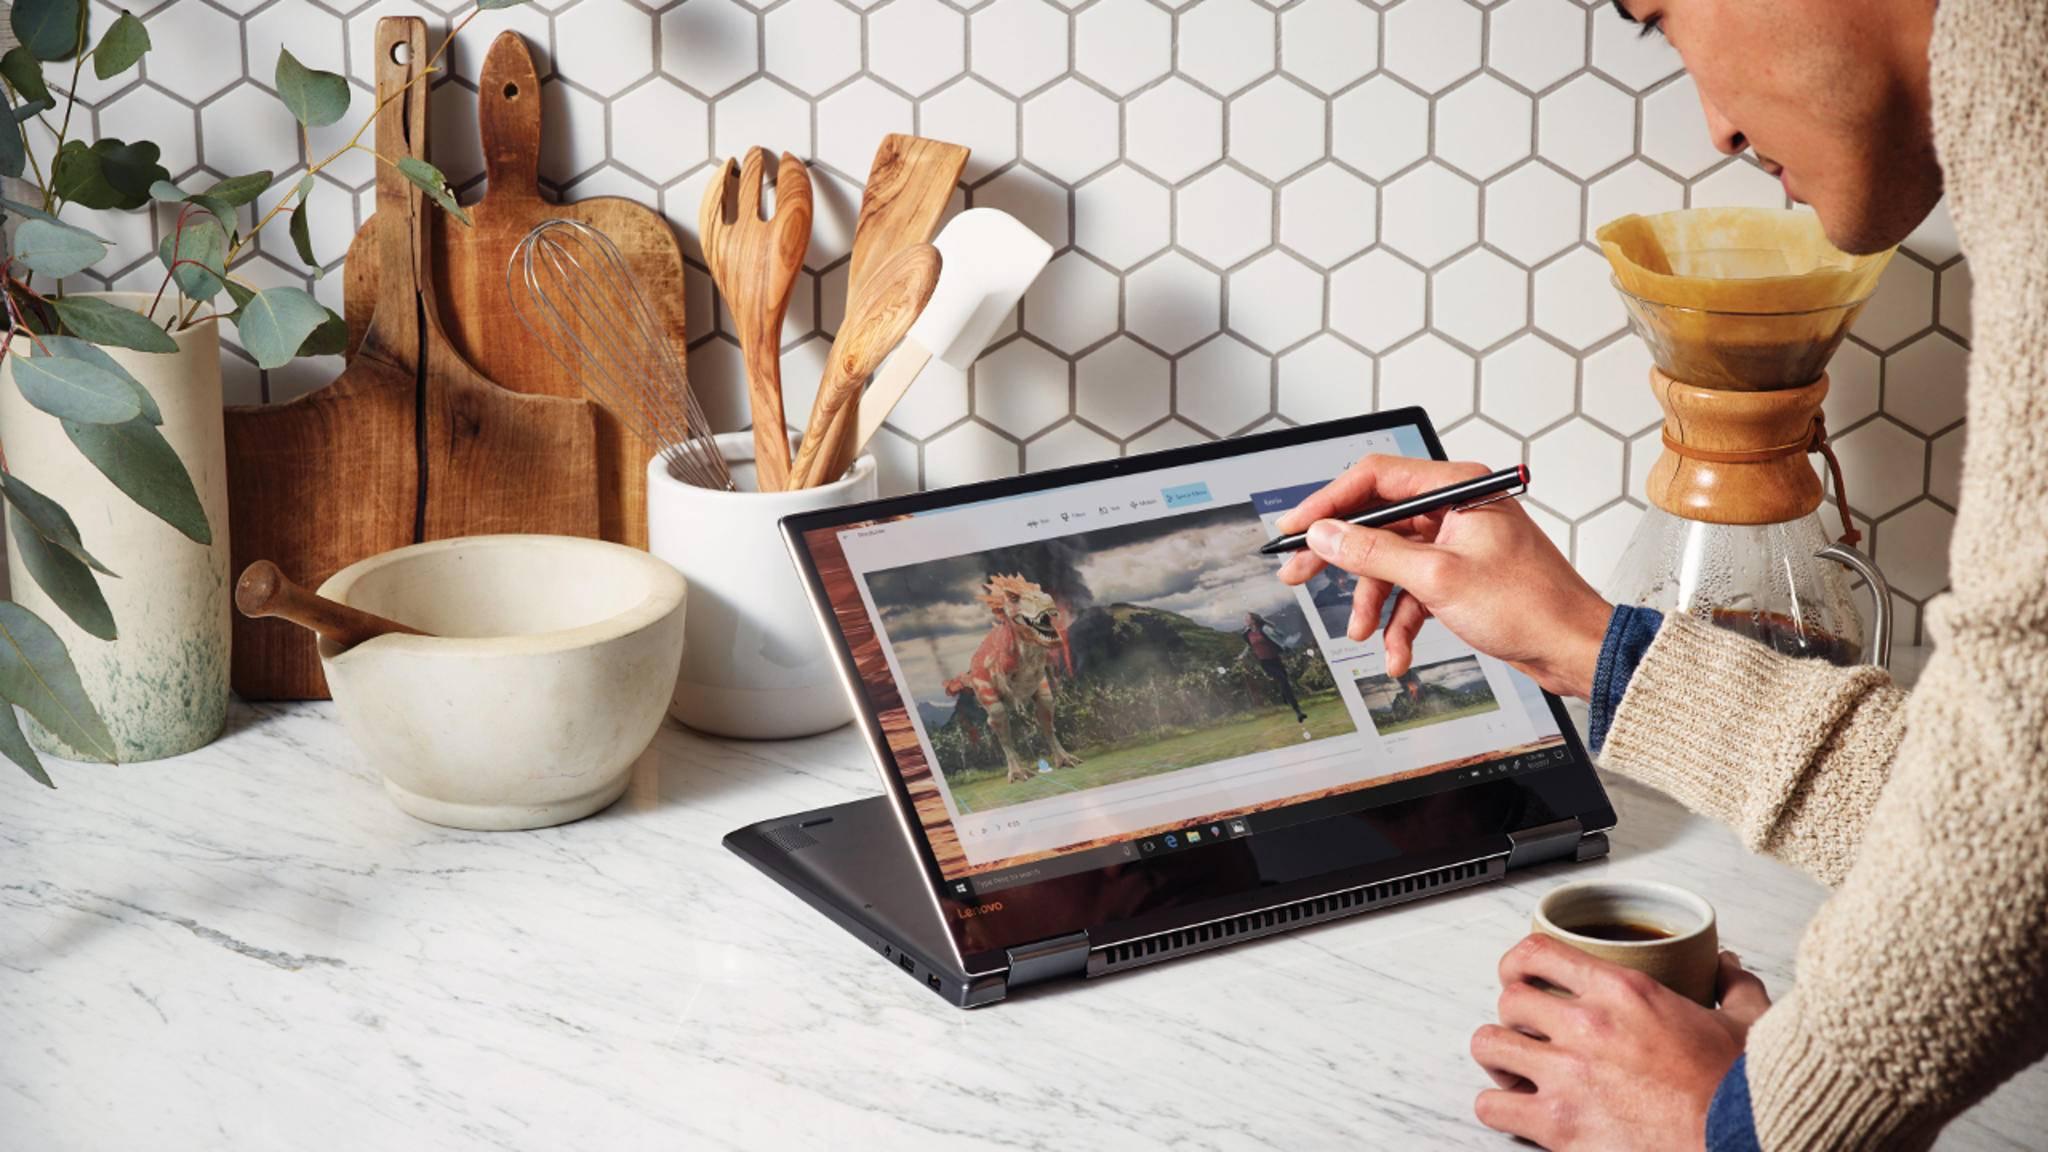 Das Windows 10 April 2018 Update bietet neue Funktionen wie die Timeline.